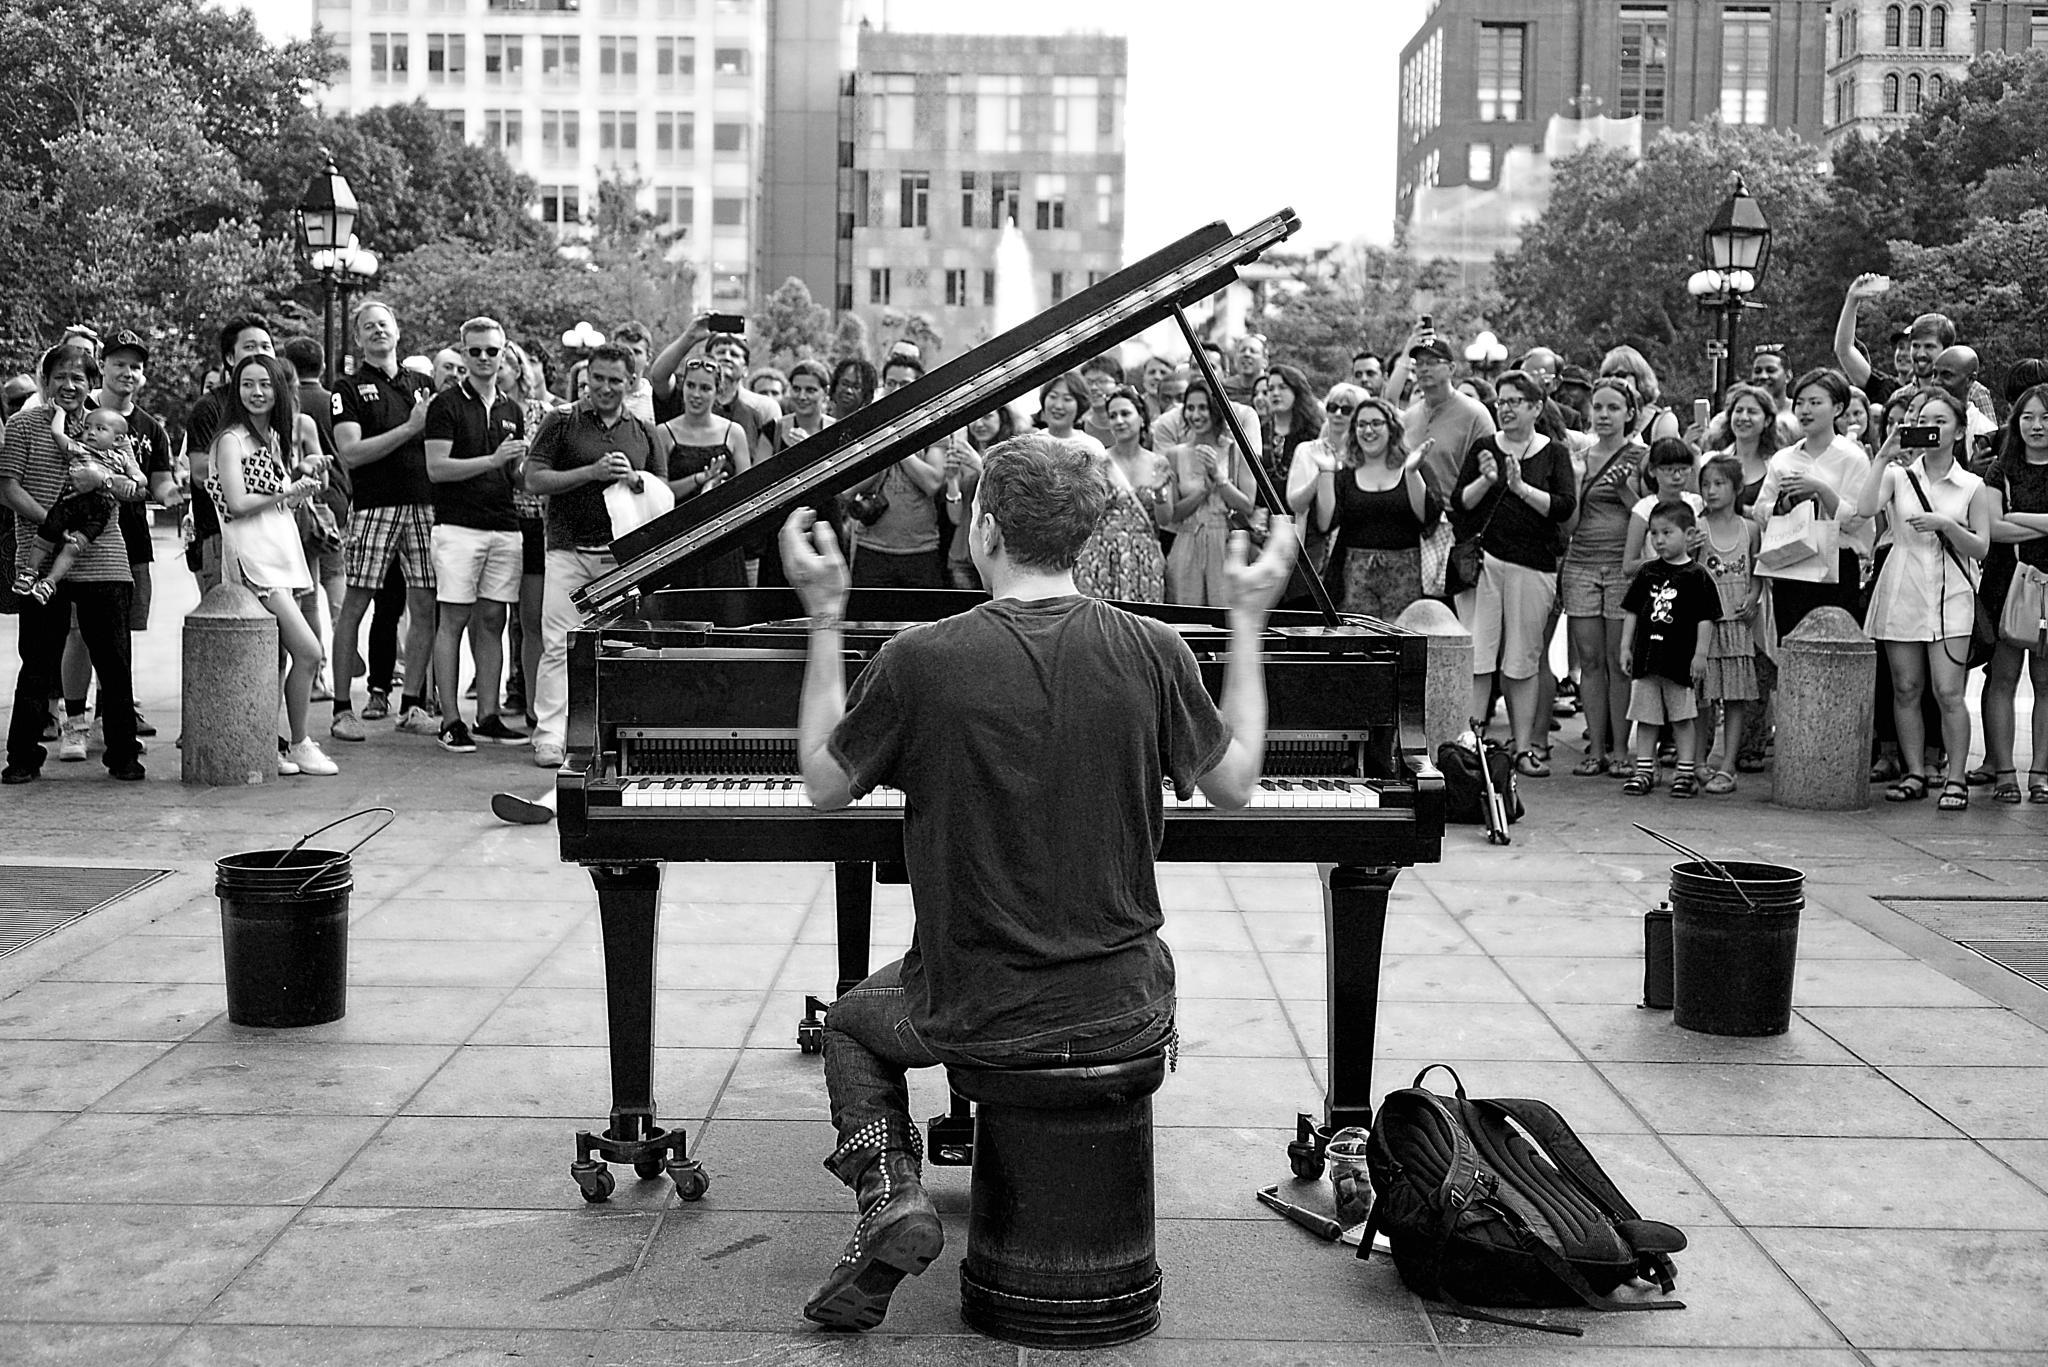 Arch Music by JDeGraff